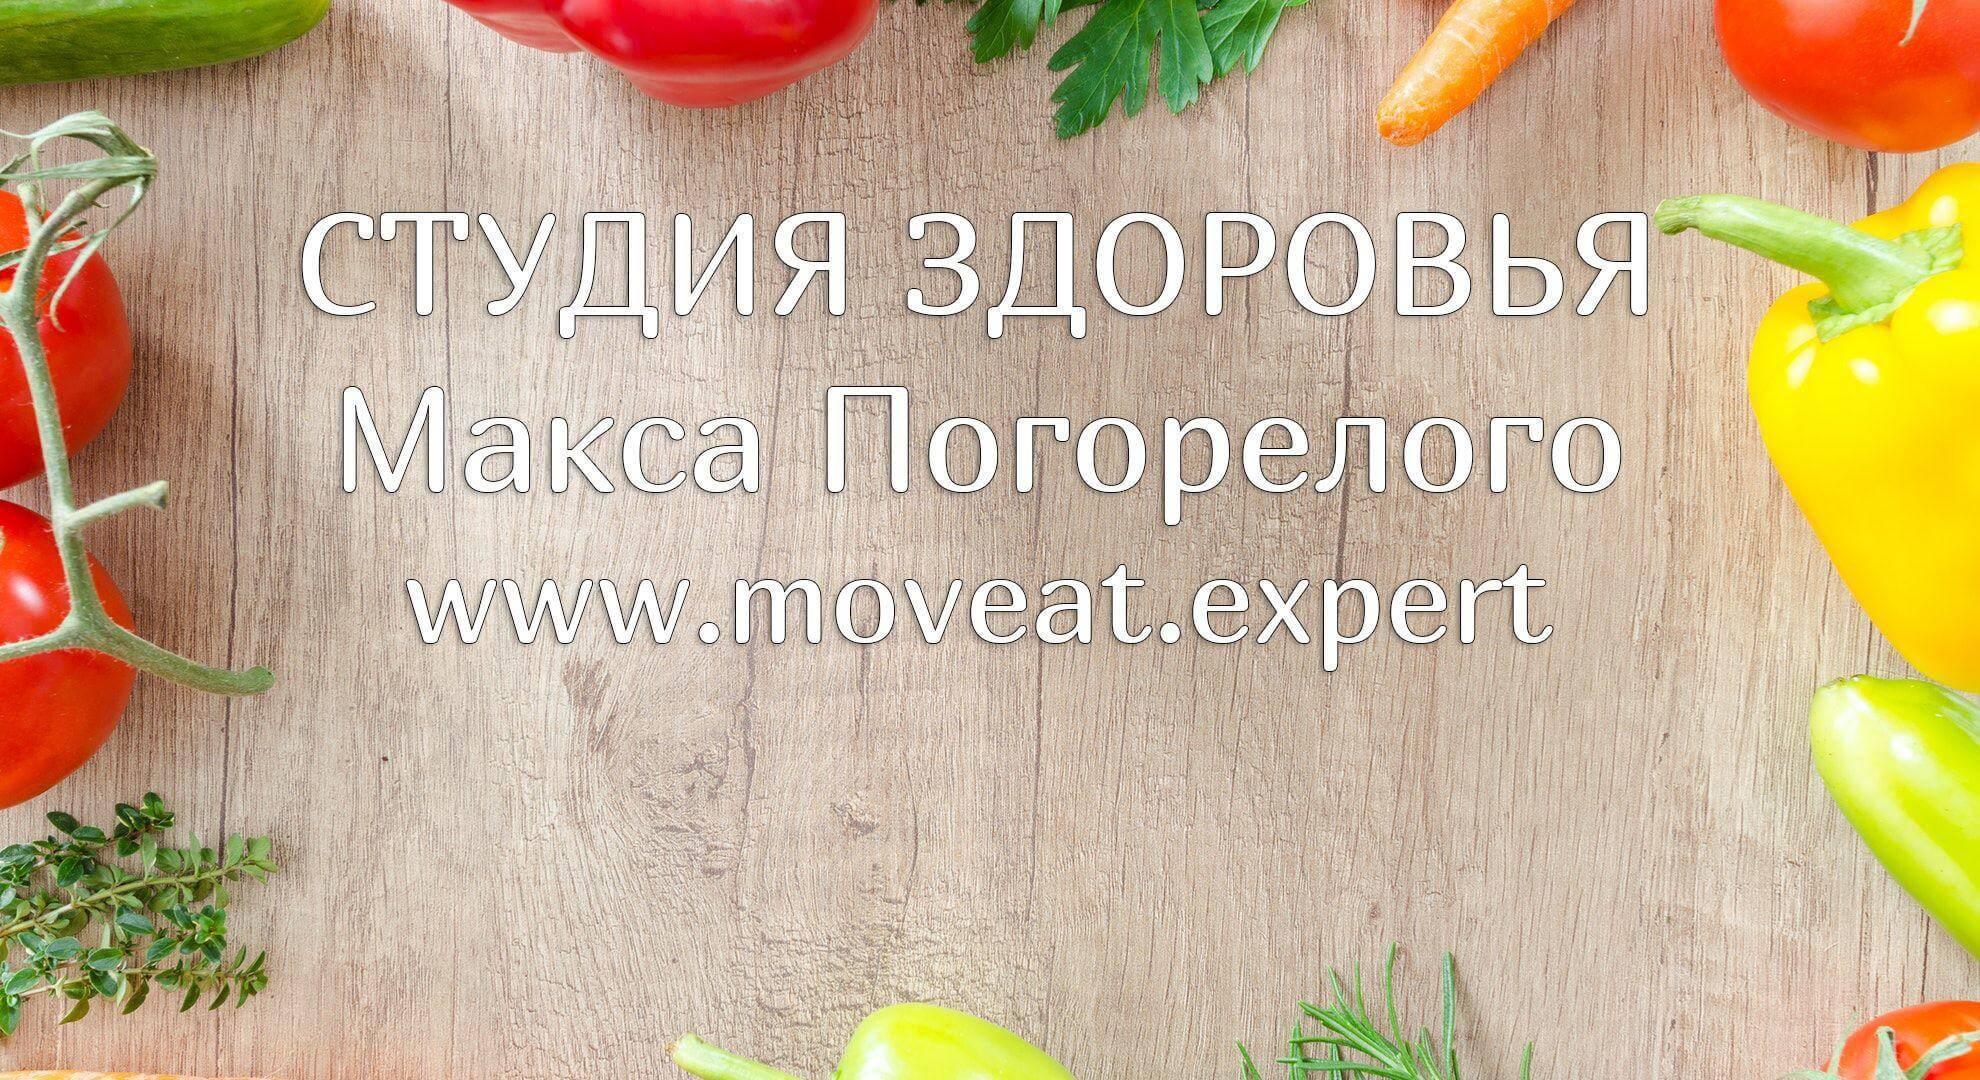 Команда Студии здоровья Макса Погорелого